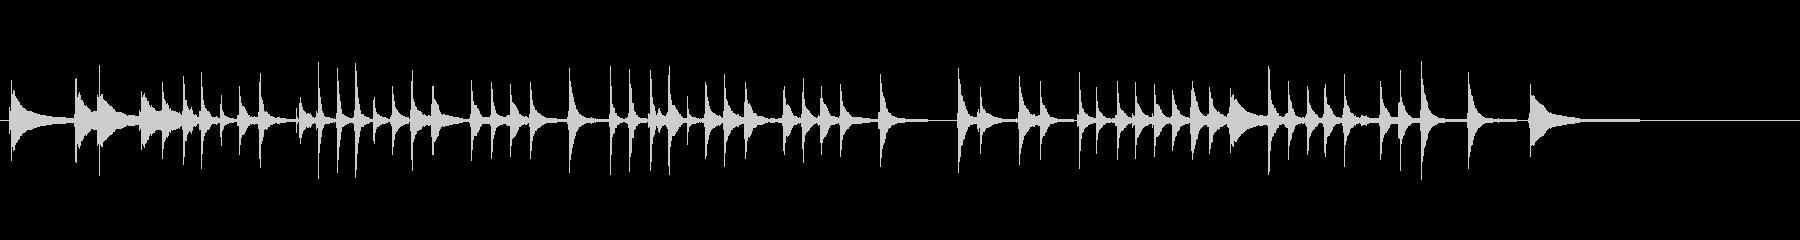 三味線32娘道成寺11日本式レビューショの未再生の波形